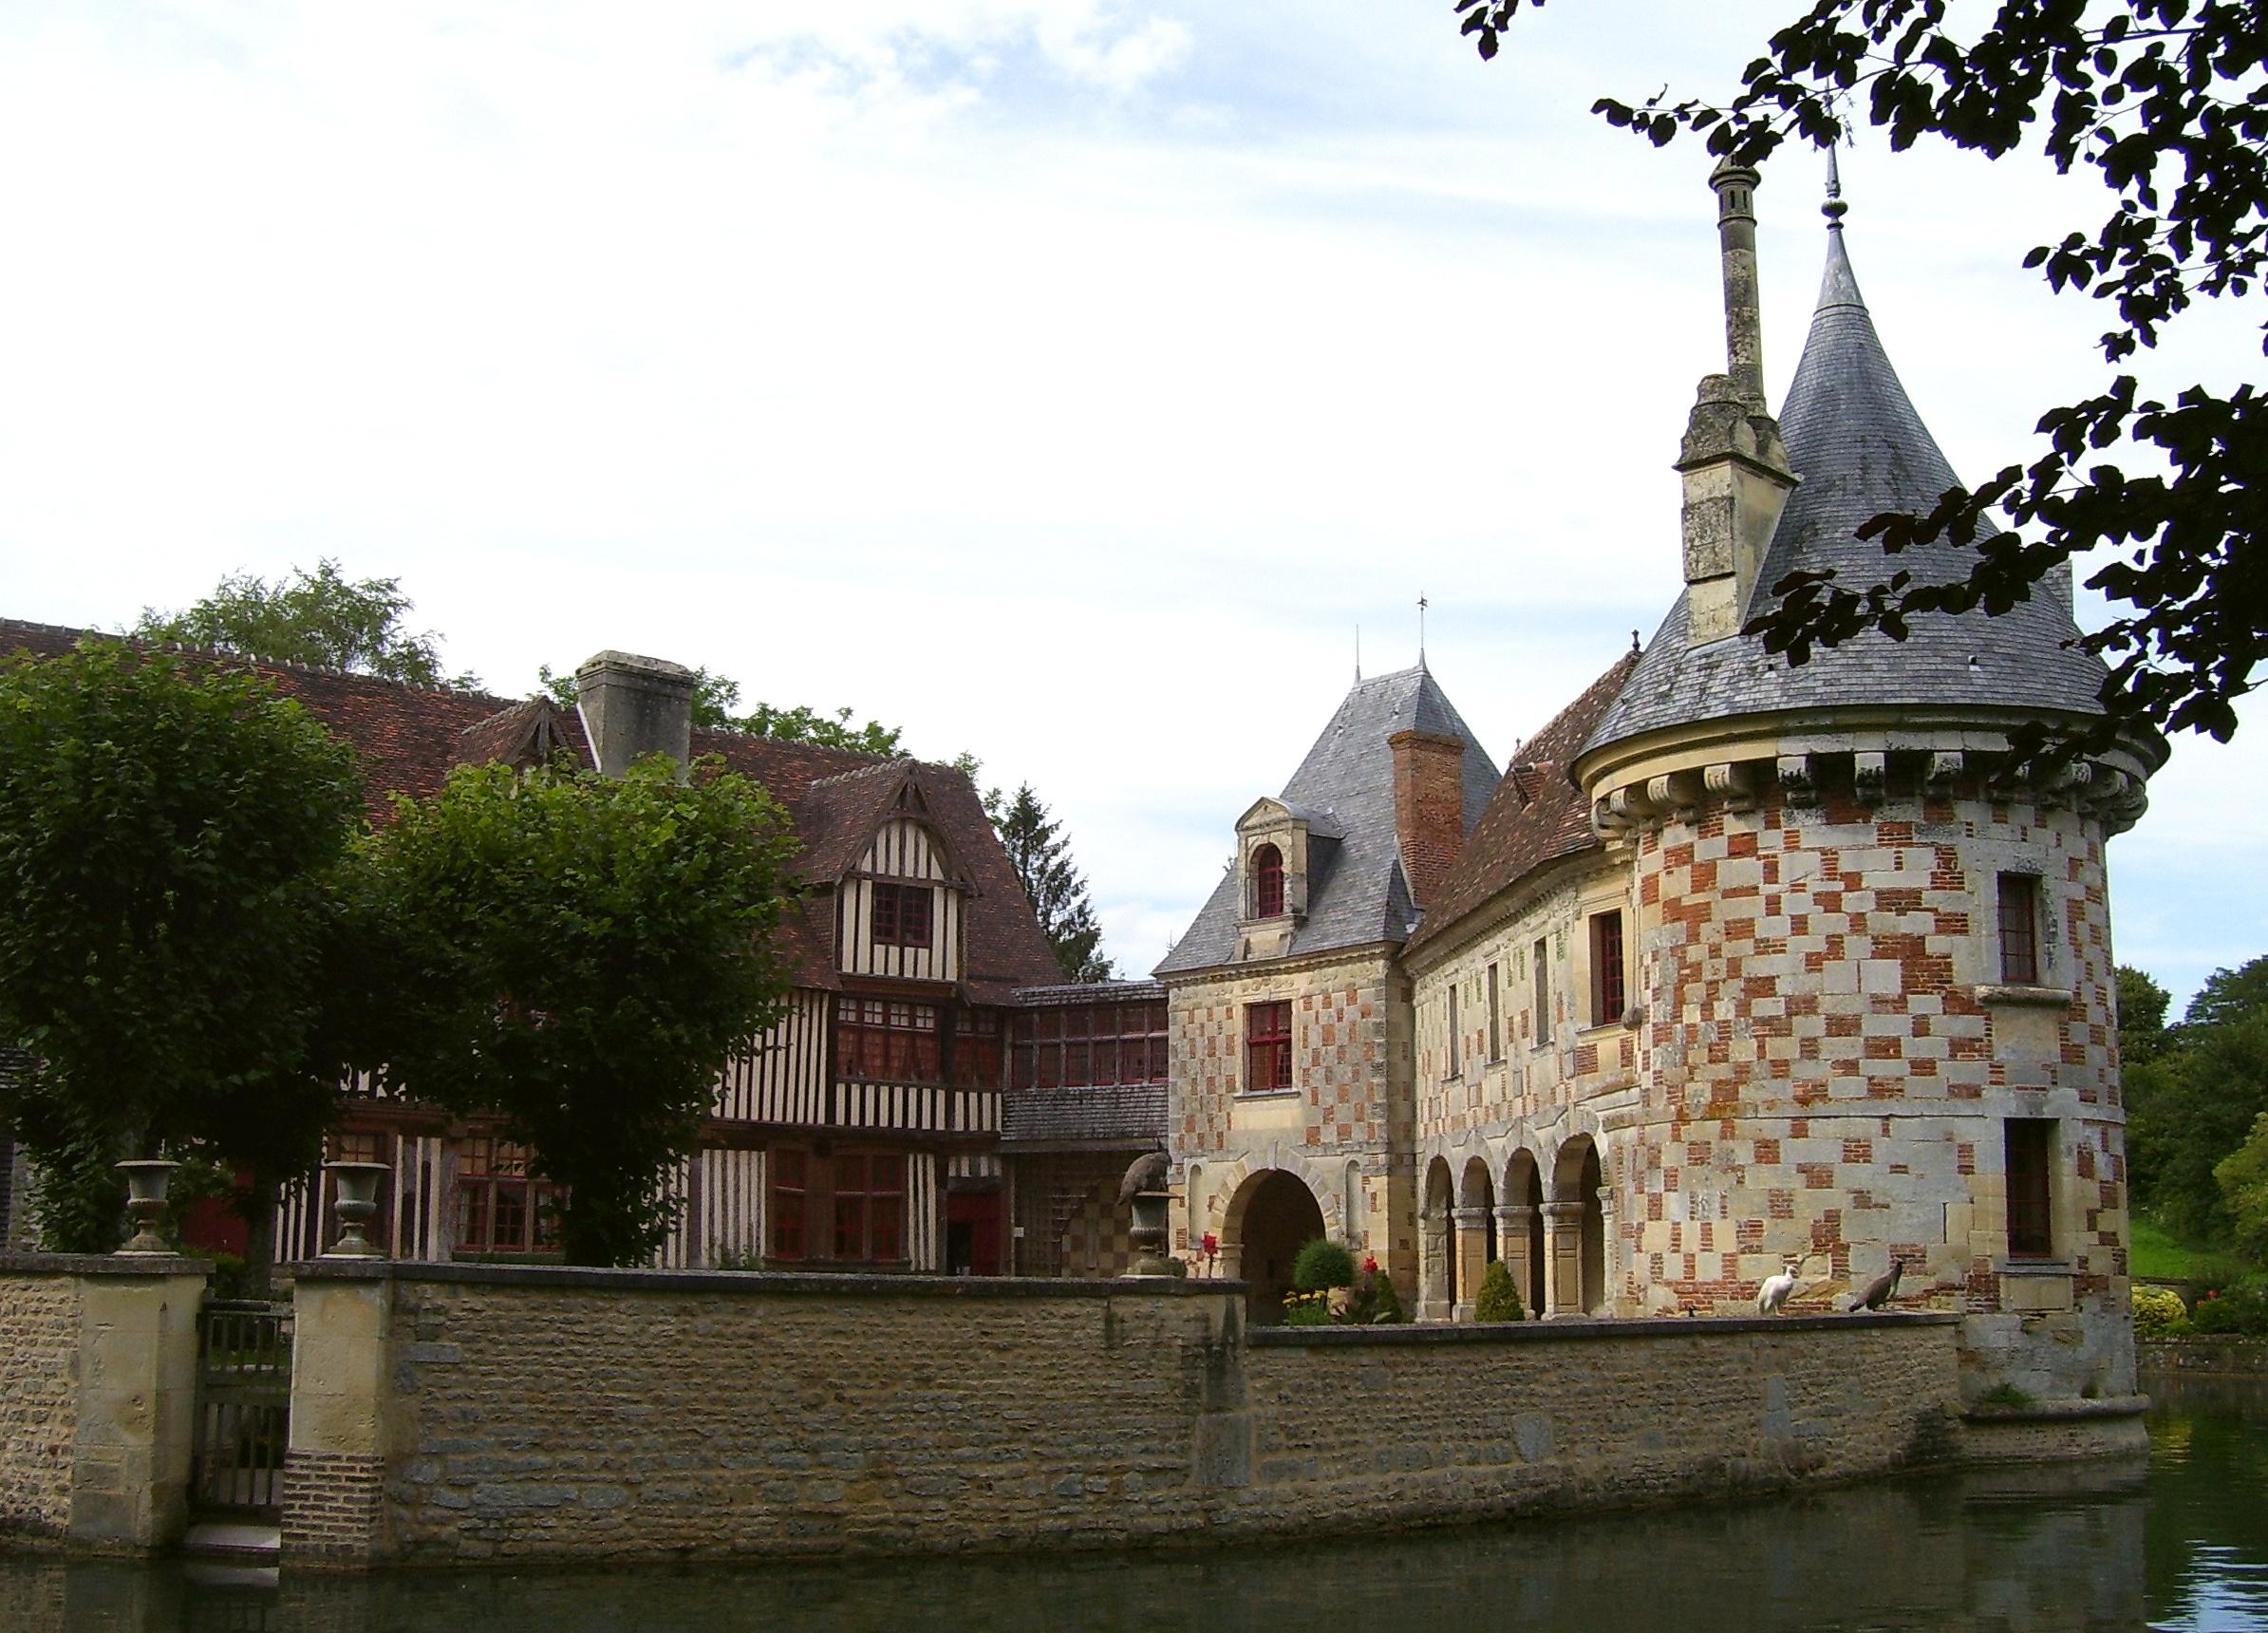 unn nochmal die Innenseite vom Schloss mit der Pfauenmauer, eigenes Foto (auf wikimedia commons), Lizenz:public domain